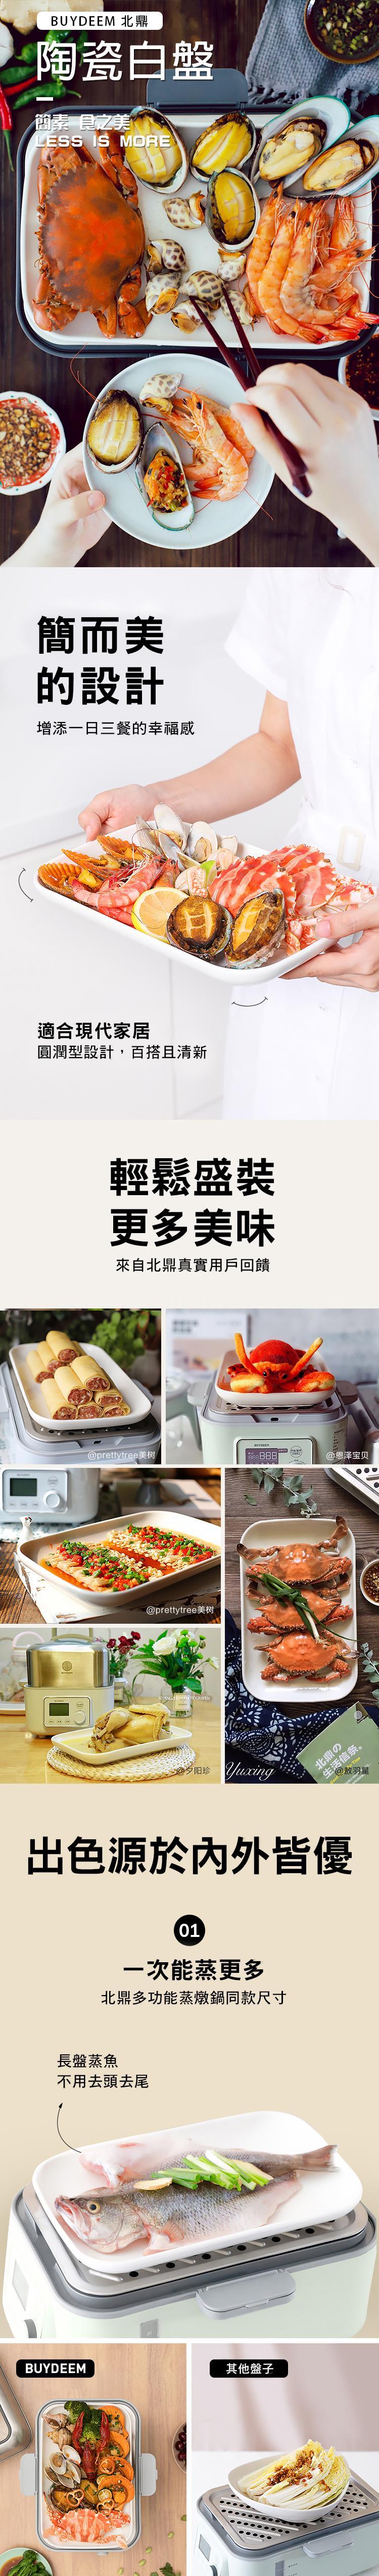 BUYDEEM北鼎方型瓷盤_產品介紹1_多功能蒸燉鍋同款尺寸